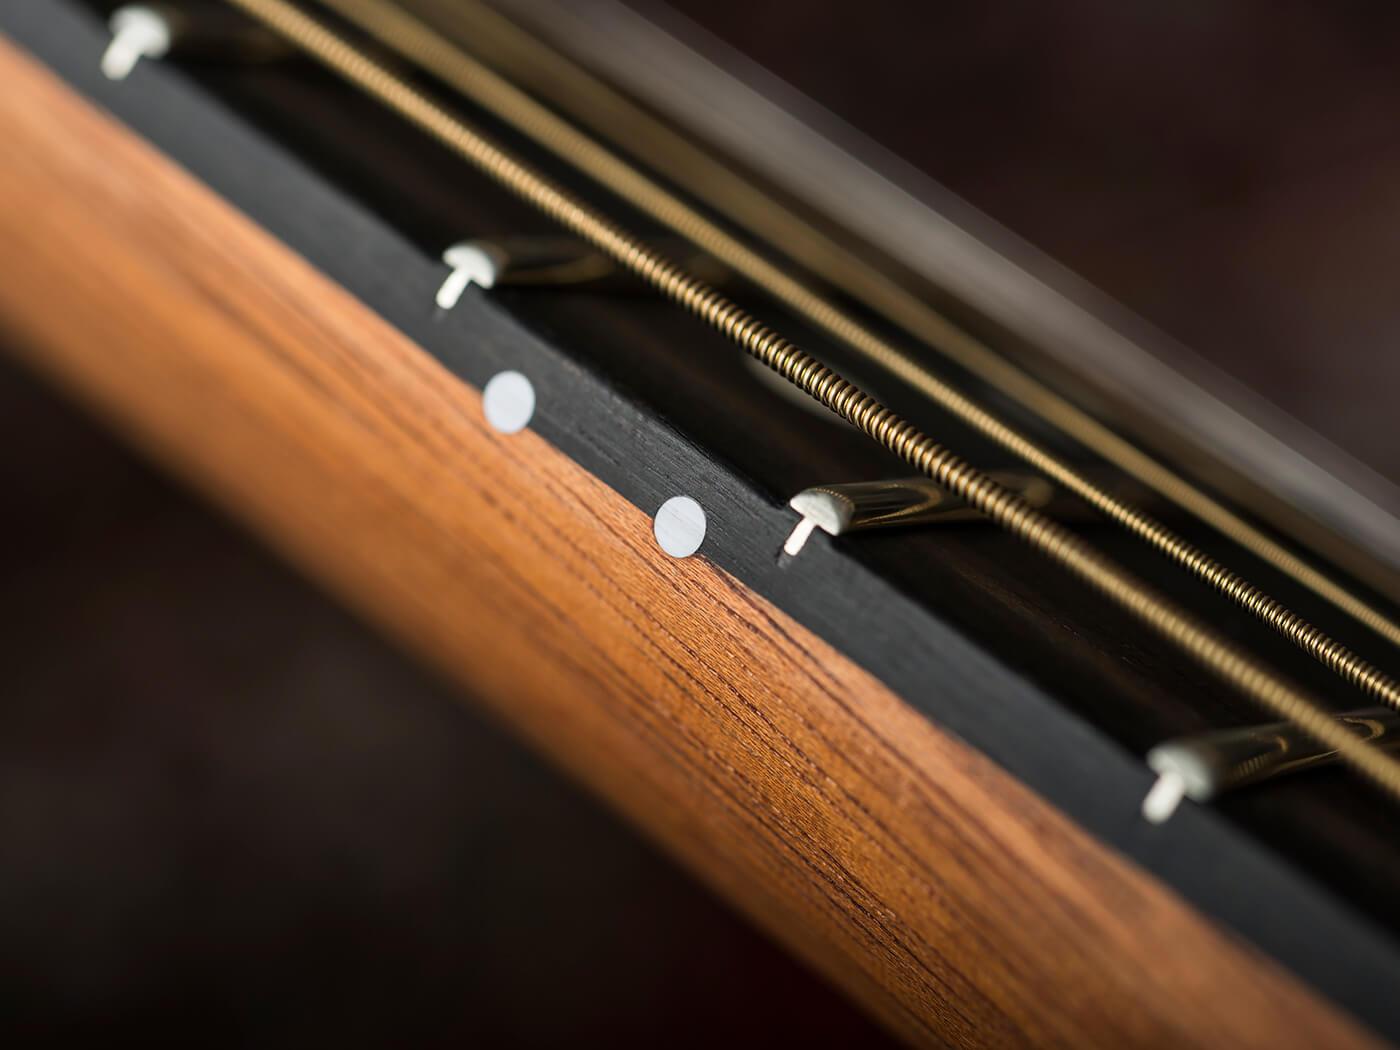 Fender American Acoustasonic Stratocaster Fretboard